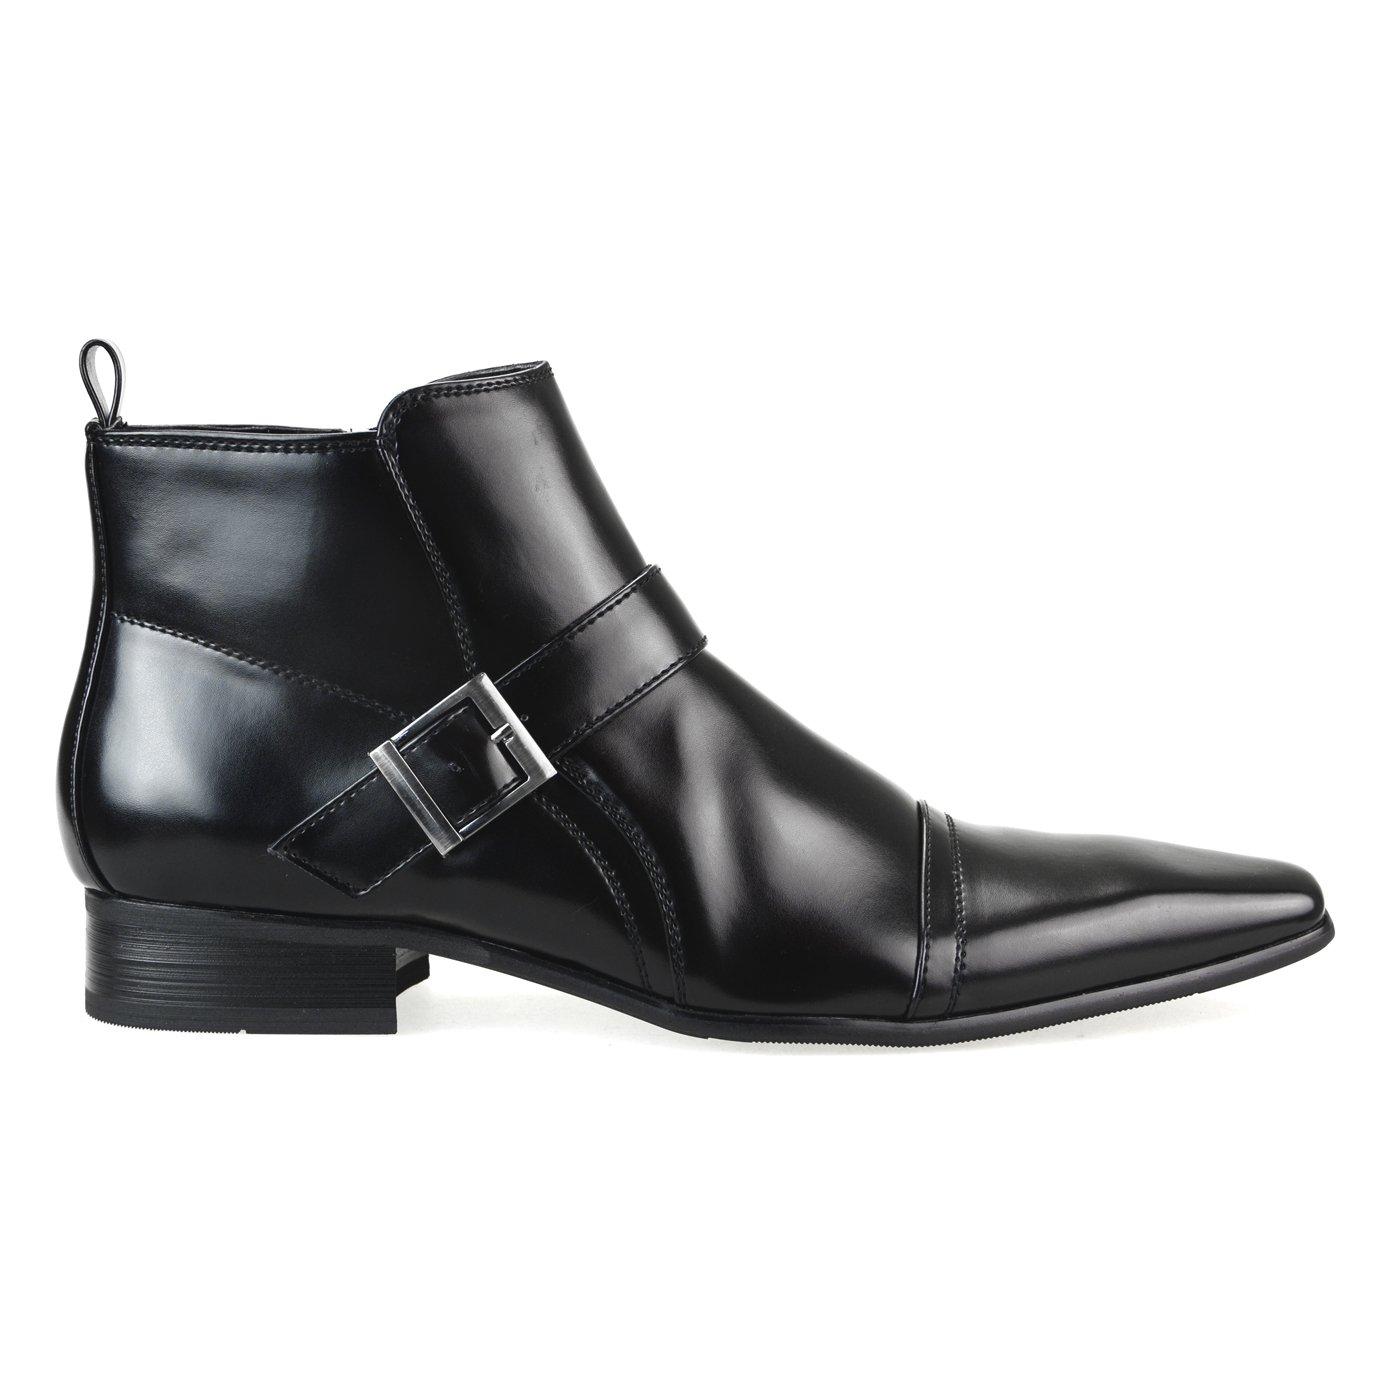 【11960円相当】 撥水加工 低反発 2足セット ビジネスシューズ メンズ ビジネスブーツ デザート ブーツ ショートブーツ ビジネス メンズ 靴 紳士靴 福袋 [ エムエムワン ] MM/ONE 【 UZF39B 】 B01LRVX3O0 27.0 cm 3E|Aブラック+Dブラック Aブラック+Dブラック 27.0 cm 3E